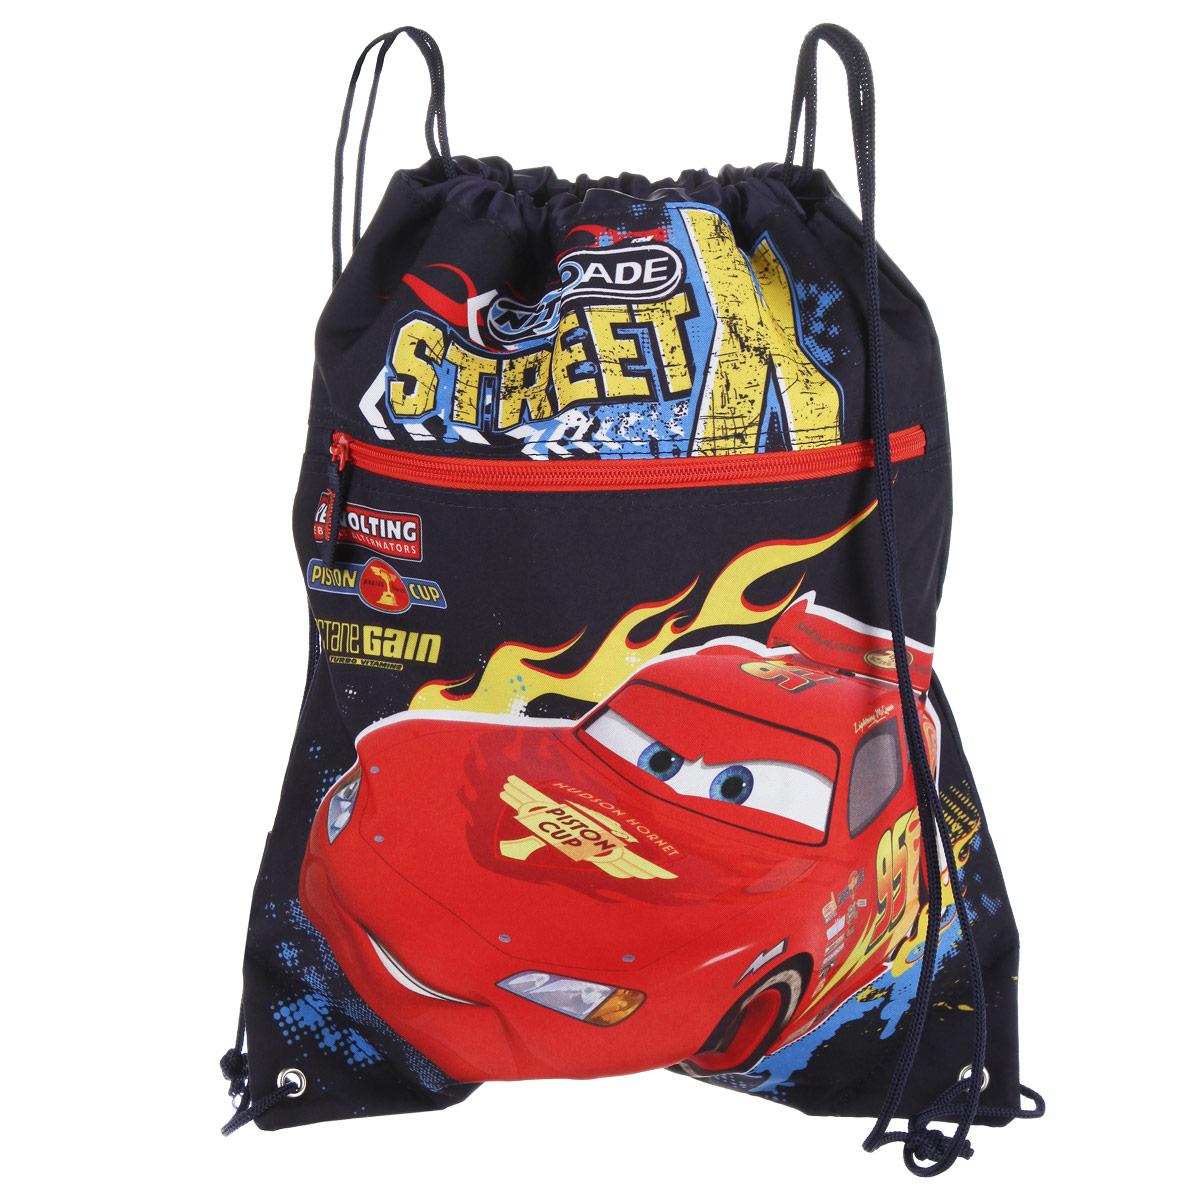 Cars Сумка-рюкзак для обуви цвет темно-синий красный CRCB-RT2-880CRCB-RT2-880Сумка для сменной обуви Cars идеально подойдет как для хранения, так и для переноски сменной обуви и одежды. Сумка выполнена из прочного полиэстера и содержит одно вместительное отделение, затягивающееся с помощью текстильных шнурков. Шнурки фиксируются в нижней части сумки, благодаря чему ее можно носить за спиной как рюкзак. Имеется фронтальный карман на застежке-молнии. Оформлено изделие изображением персонажа мультфильма Тачки.